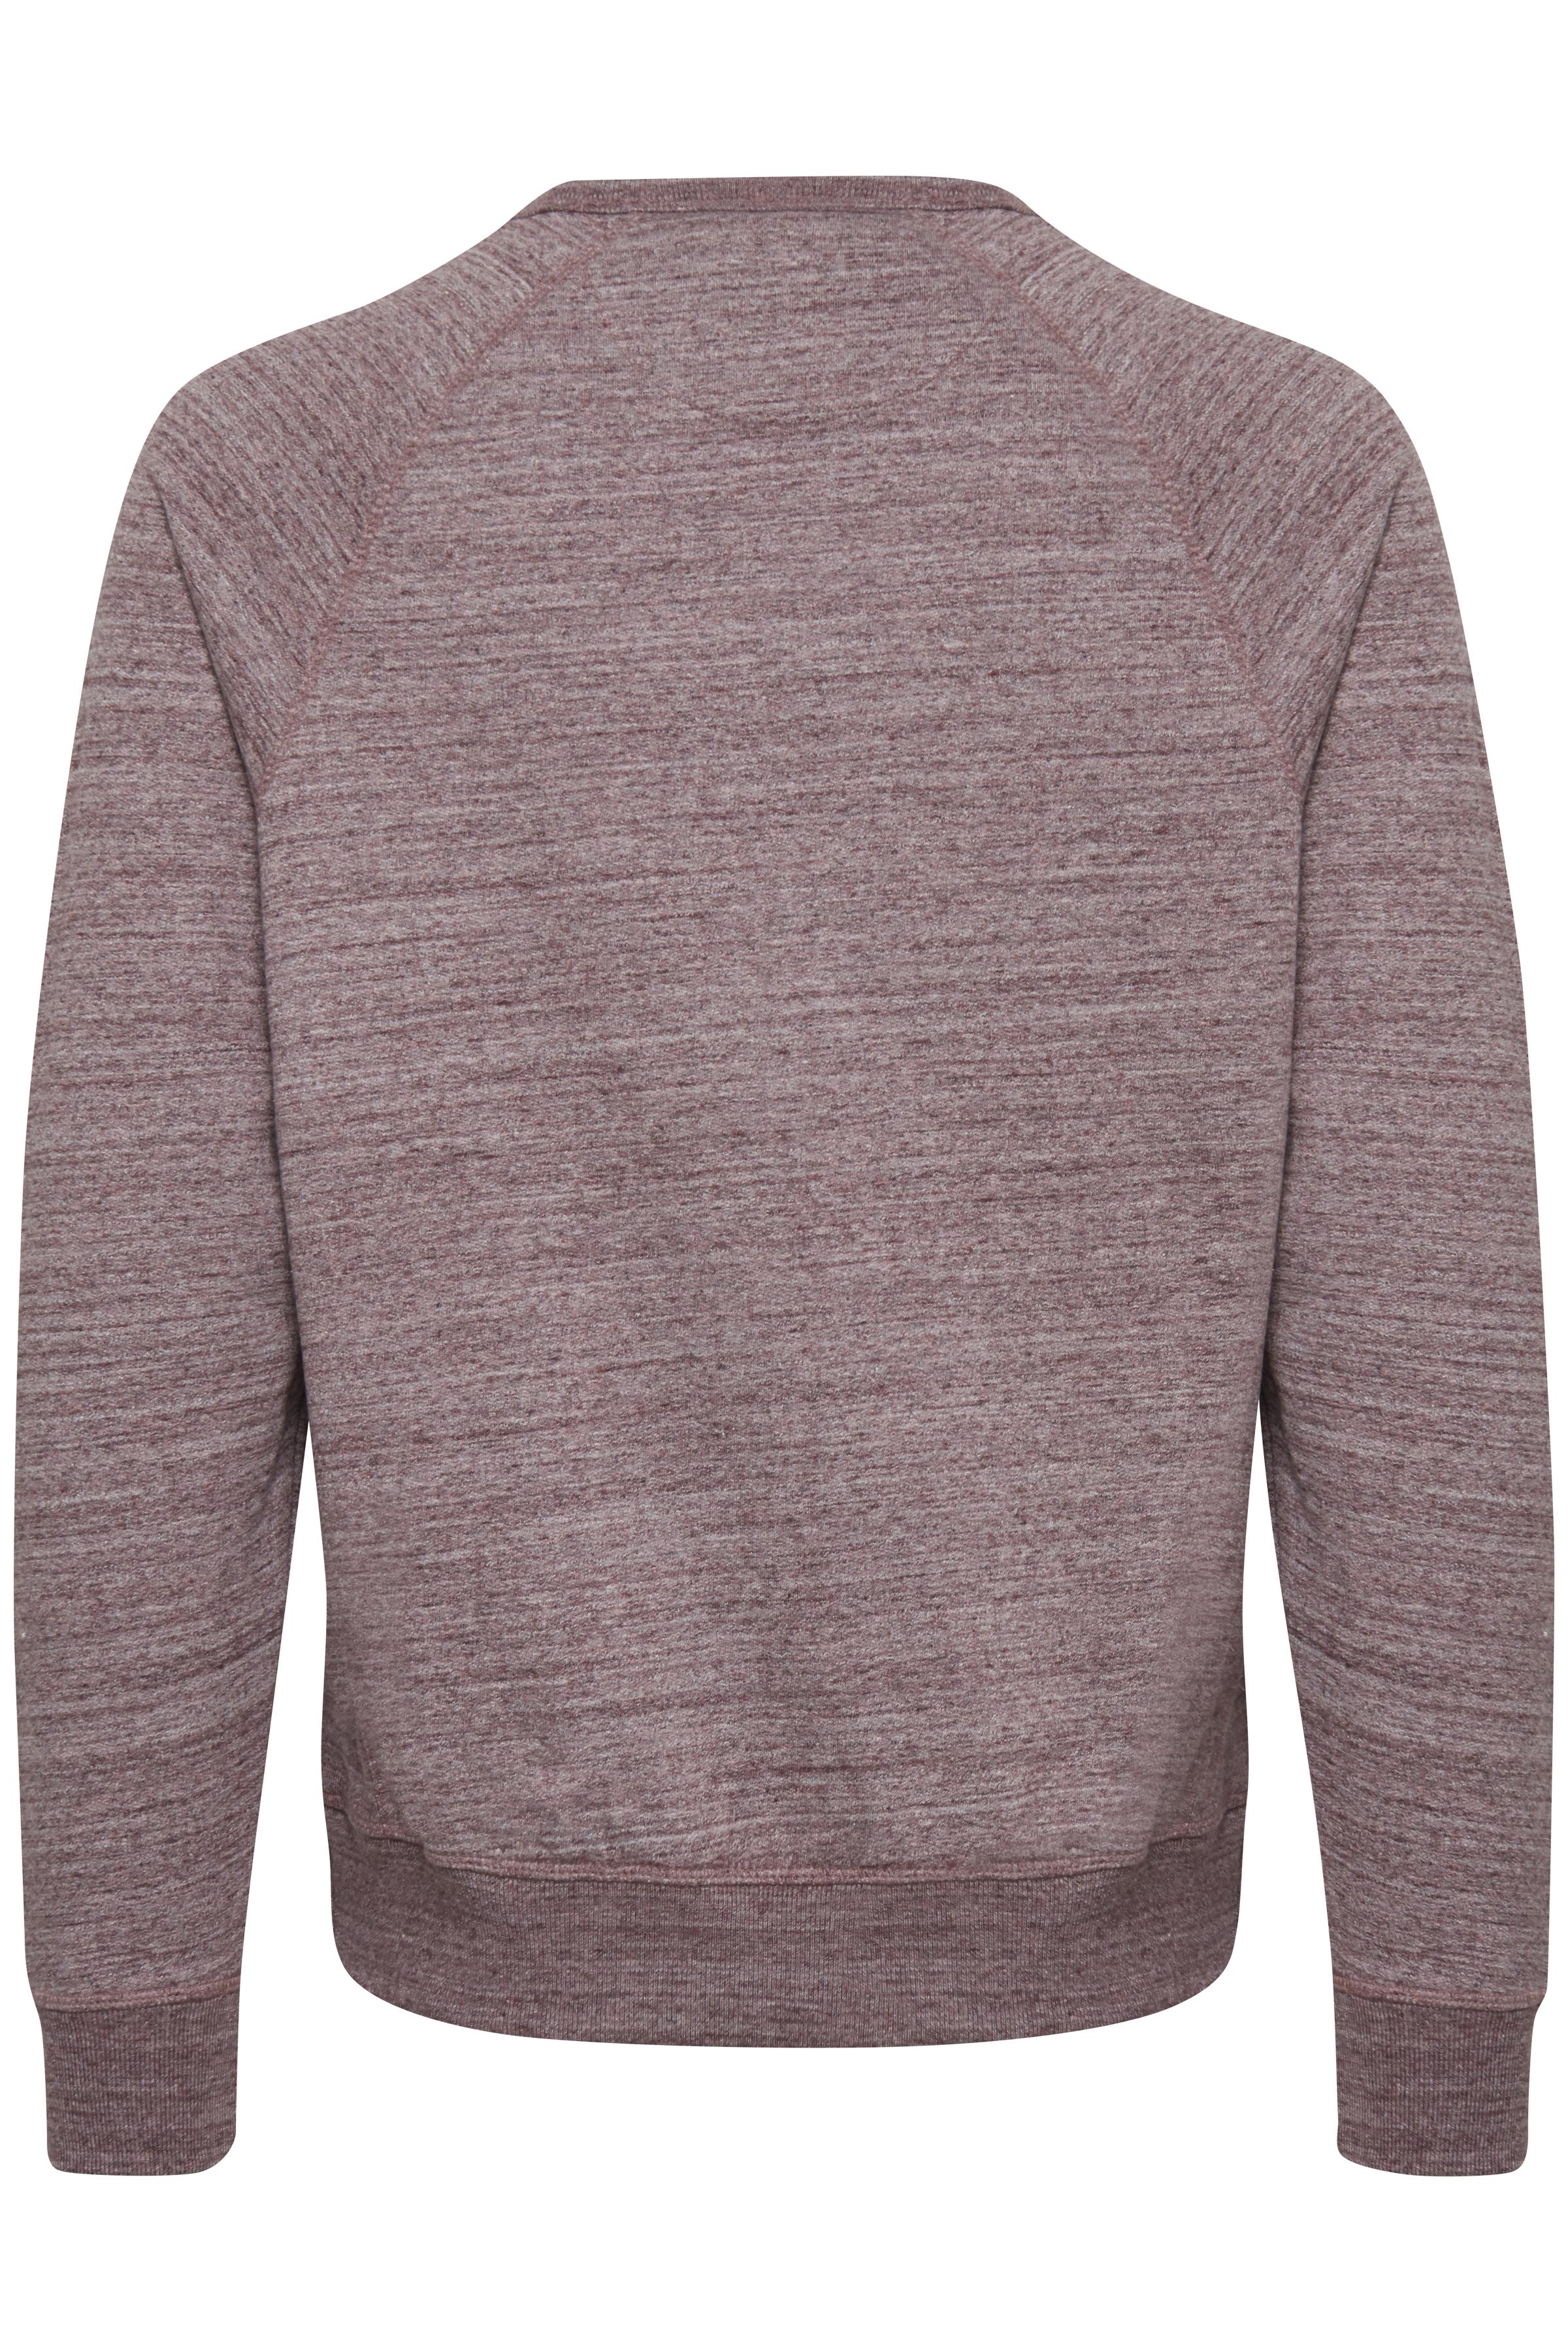 Wine red Sweatshirt fra Blend He – Køb Wine red Sweatshirt fra str. S-3XL her